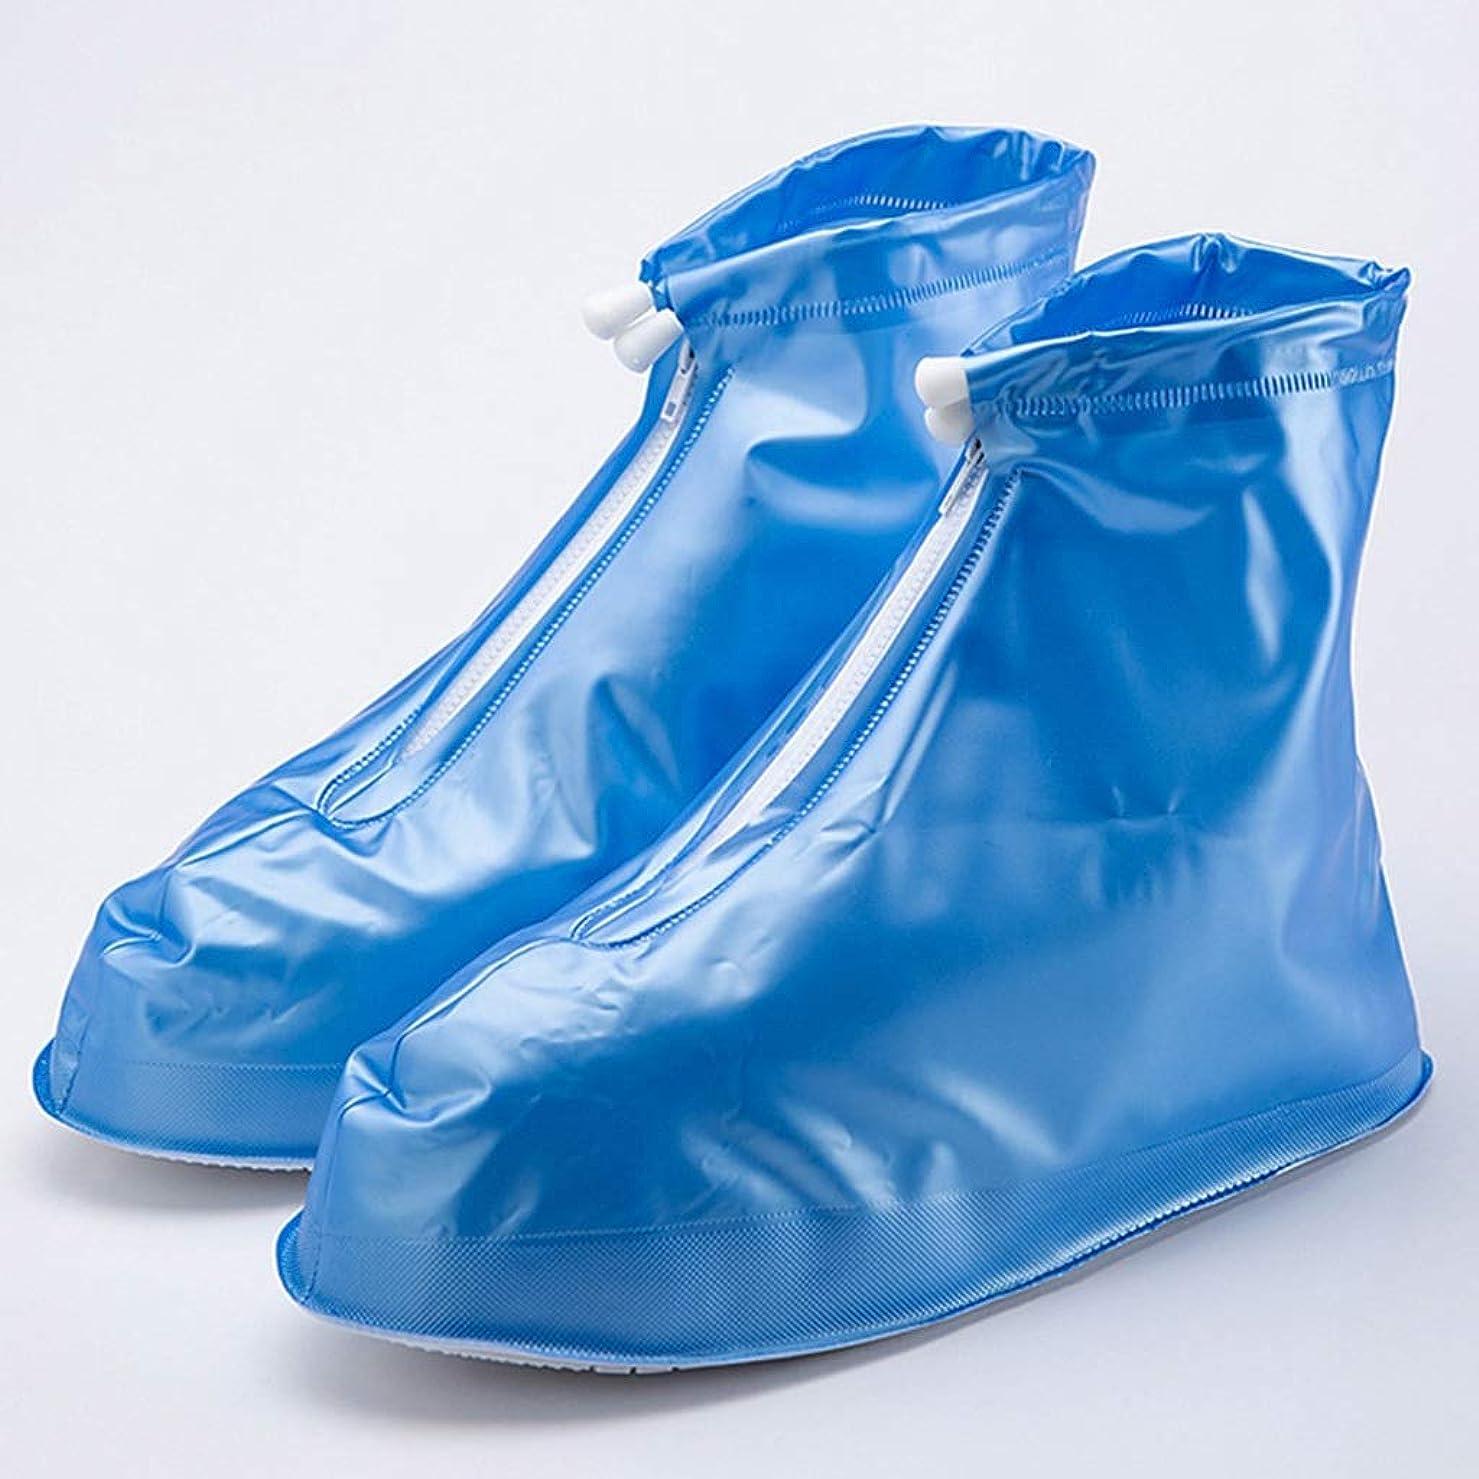 バスケットボール蓮ブランド防水層防汚靴カバー付き女性用レインブーツPVC厚手素材 (Color : Blue, Size : XXL)